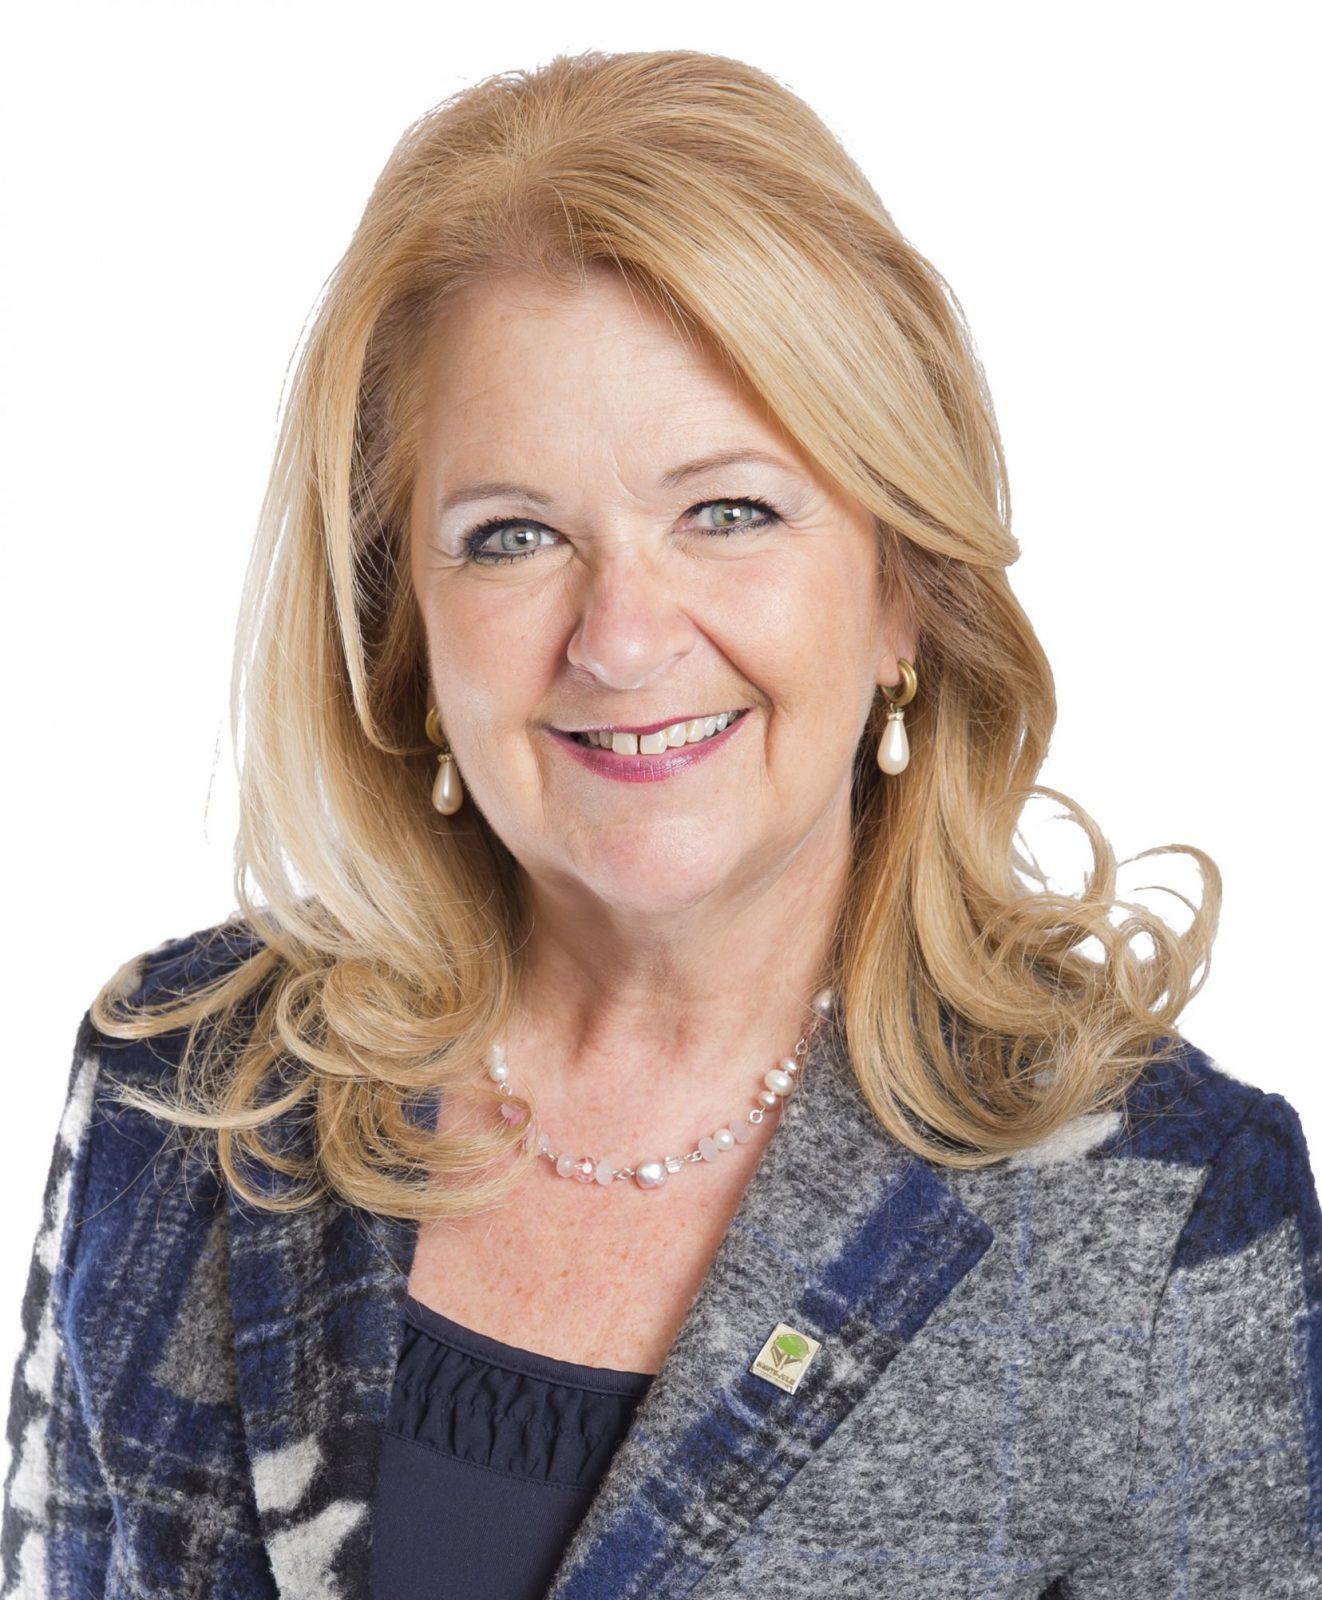 Suzanne Roy est choisie présidente intérimaire de l'Union des municipalités du Québec par ses pairs